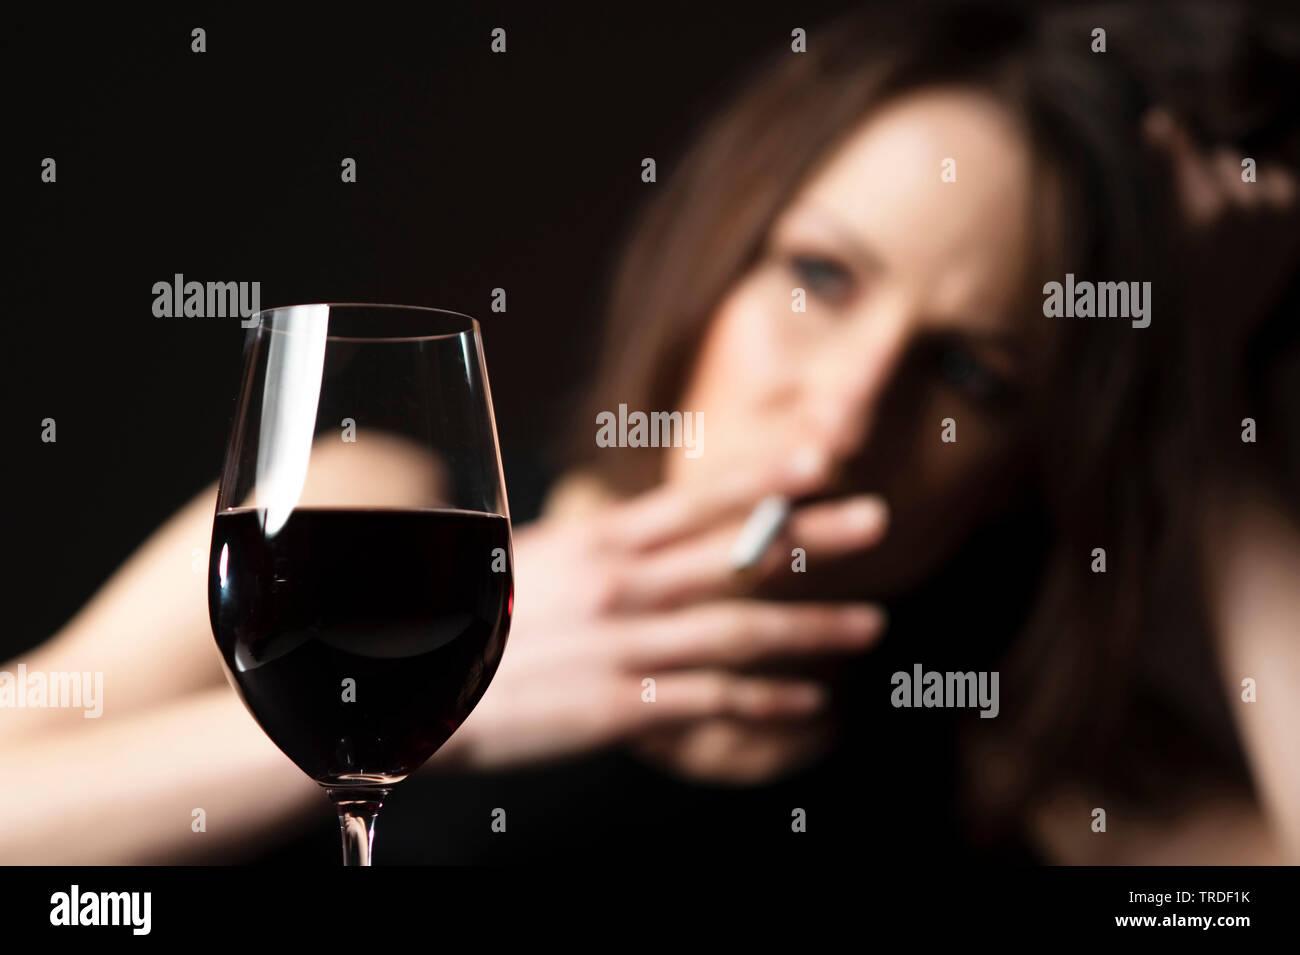 Portraet einer deprimierten und alkoholisierten Frau mit Weinglas, eine Zigarette rauchend | Portrait of a depressed and alcoholised woman smoking a c - Stock Image